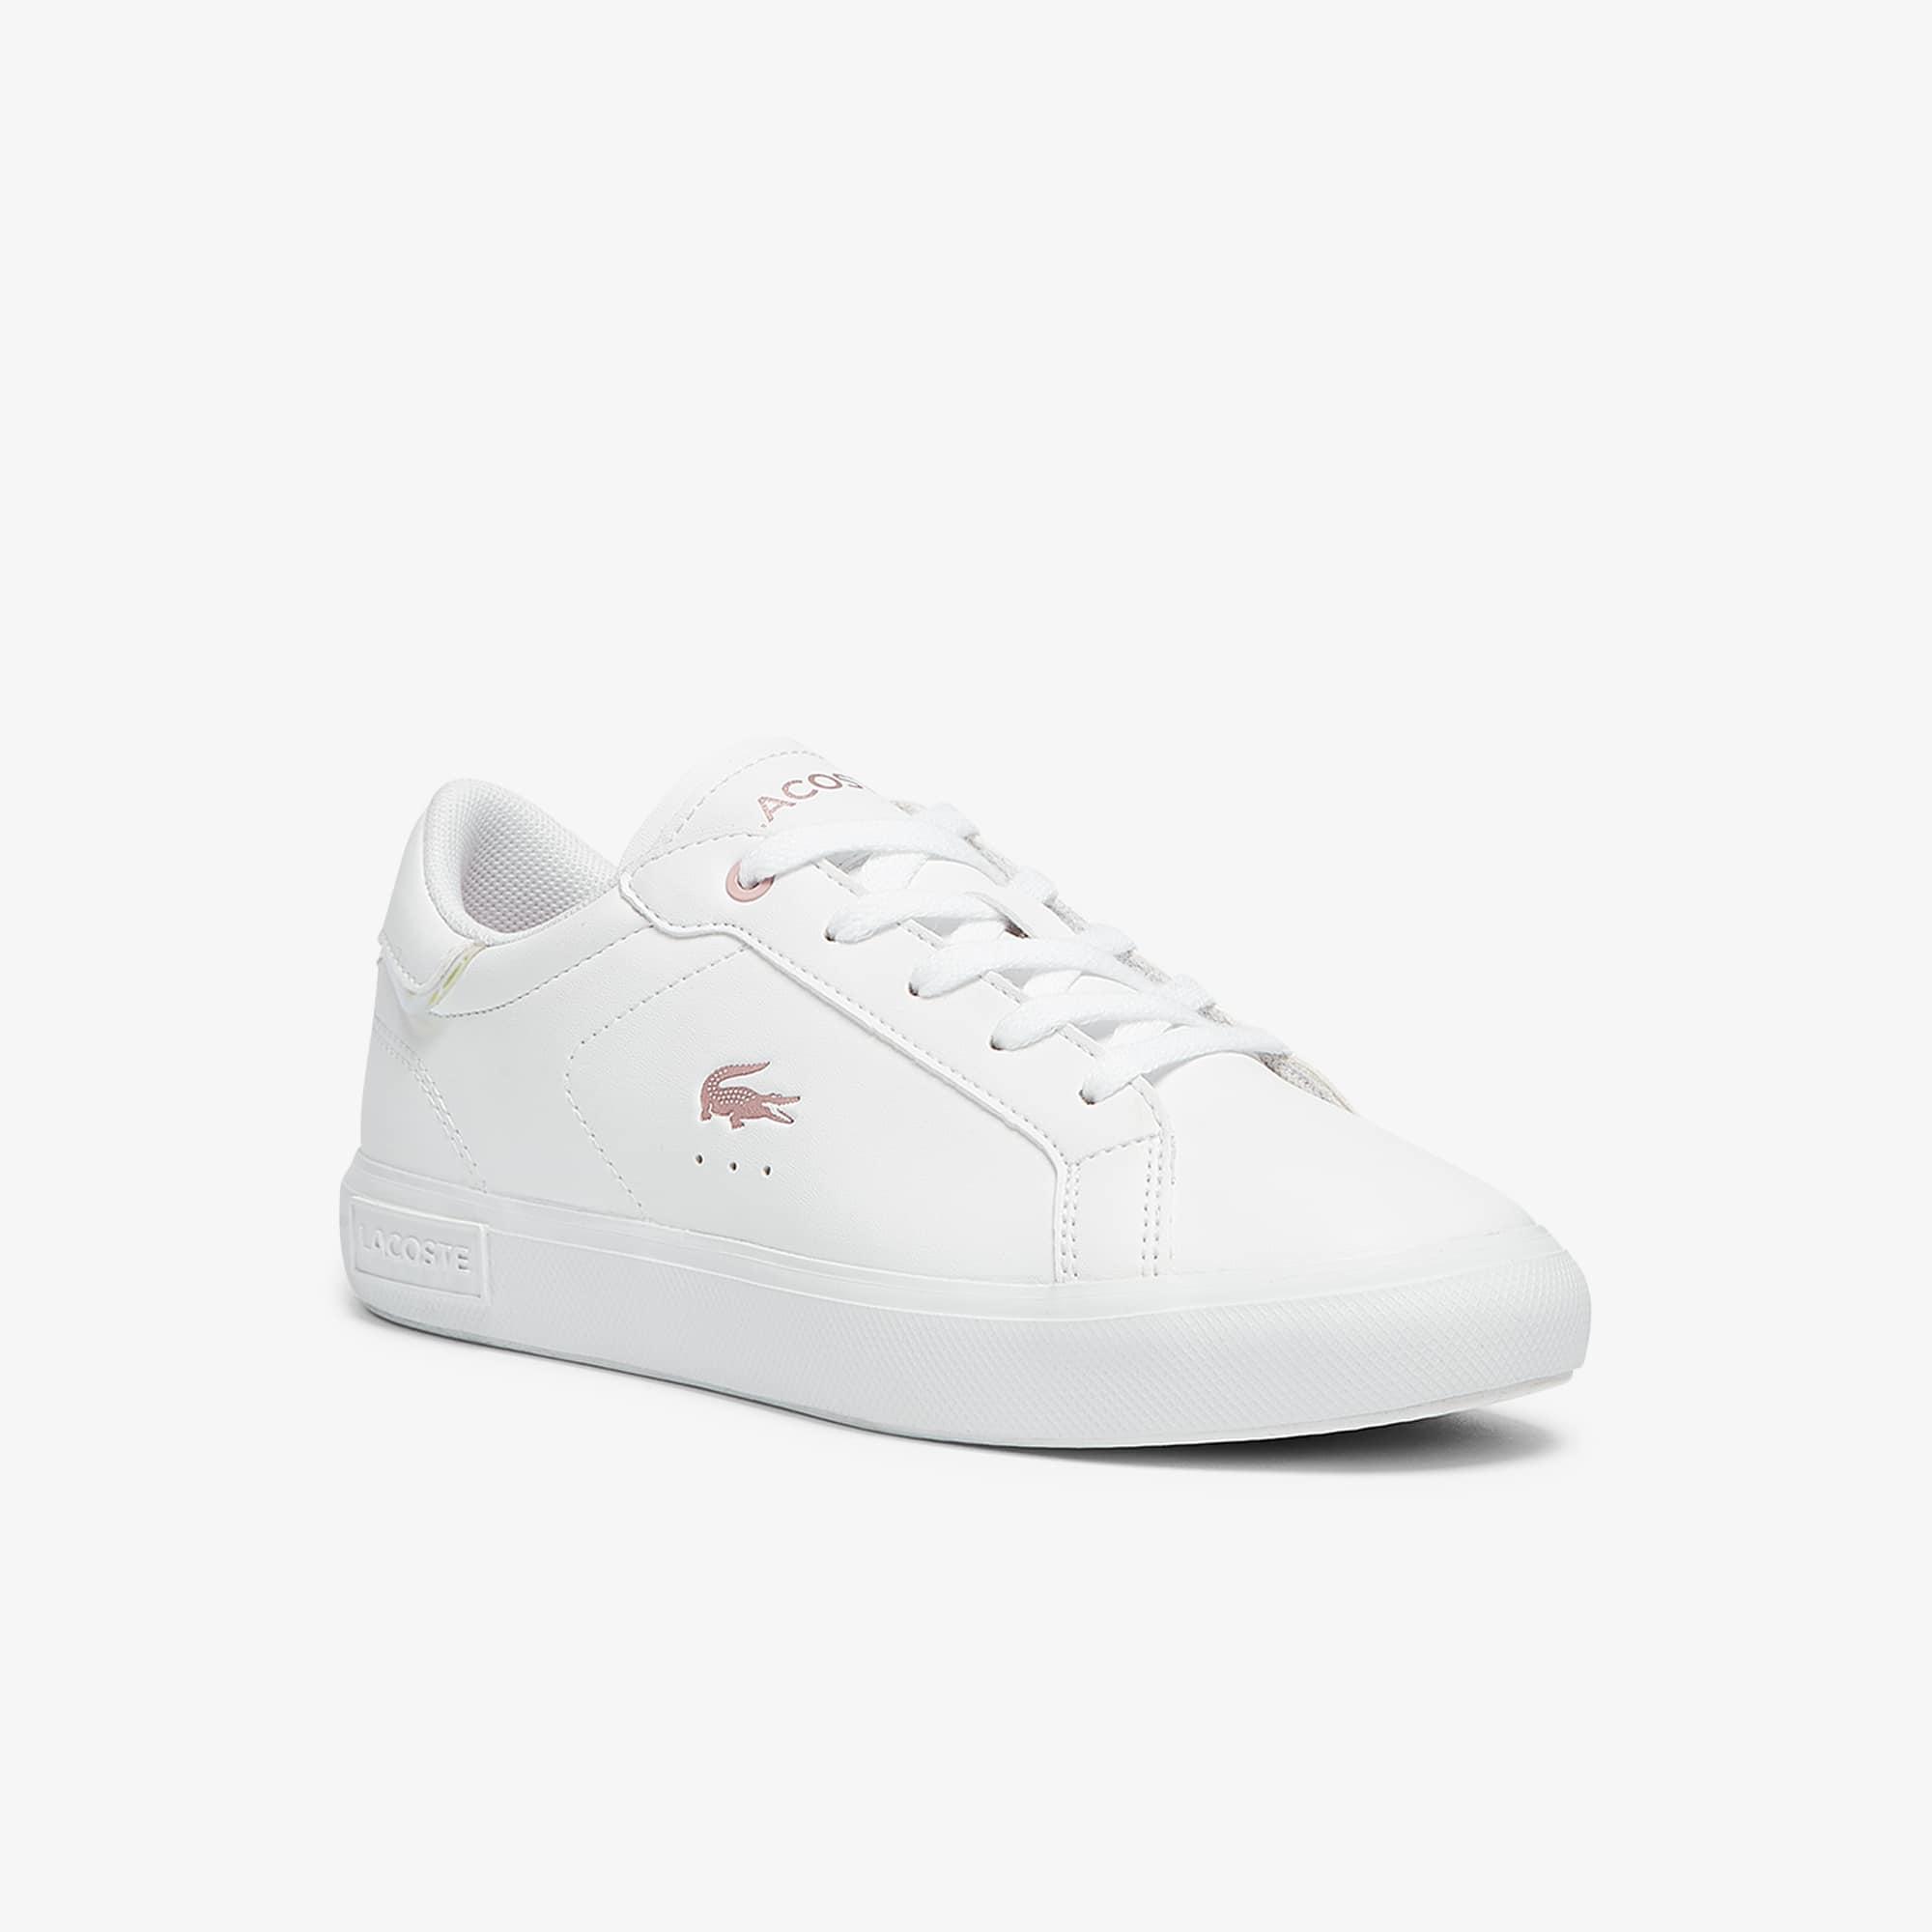 Lacoste Sneakers Powercourt enfant en tissu avec détails métallisés Taille 28.5 Blanc/rose